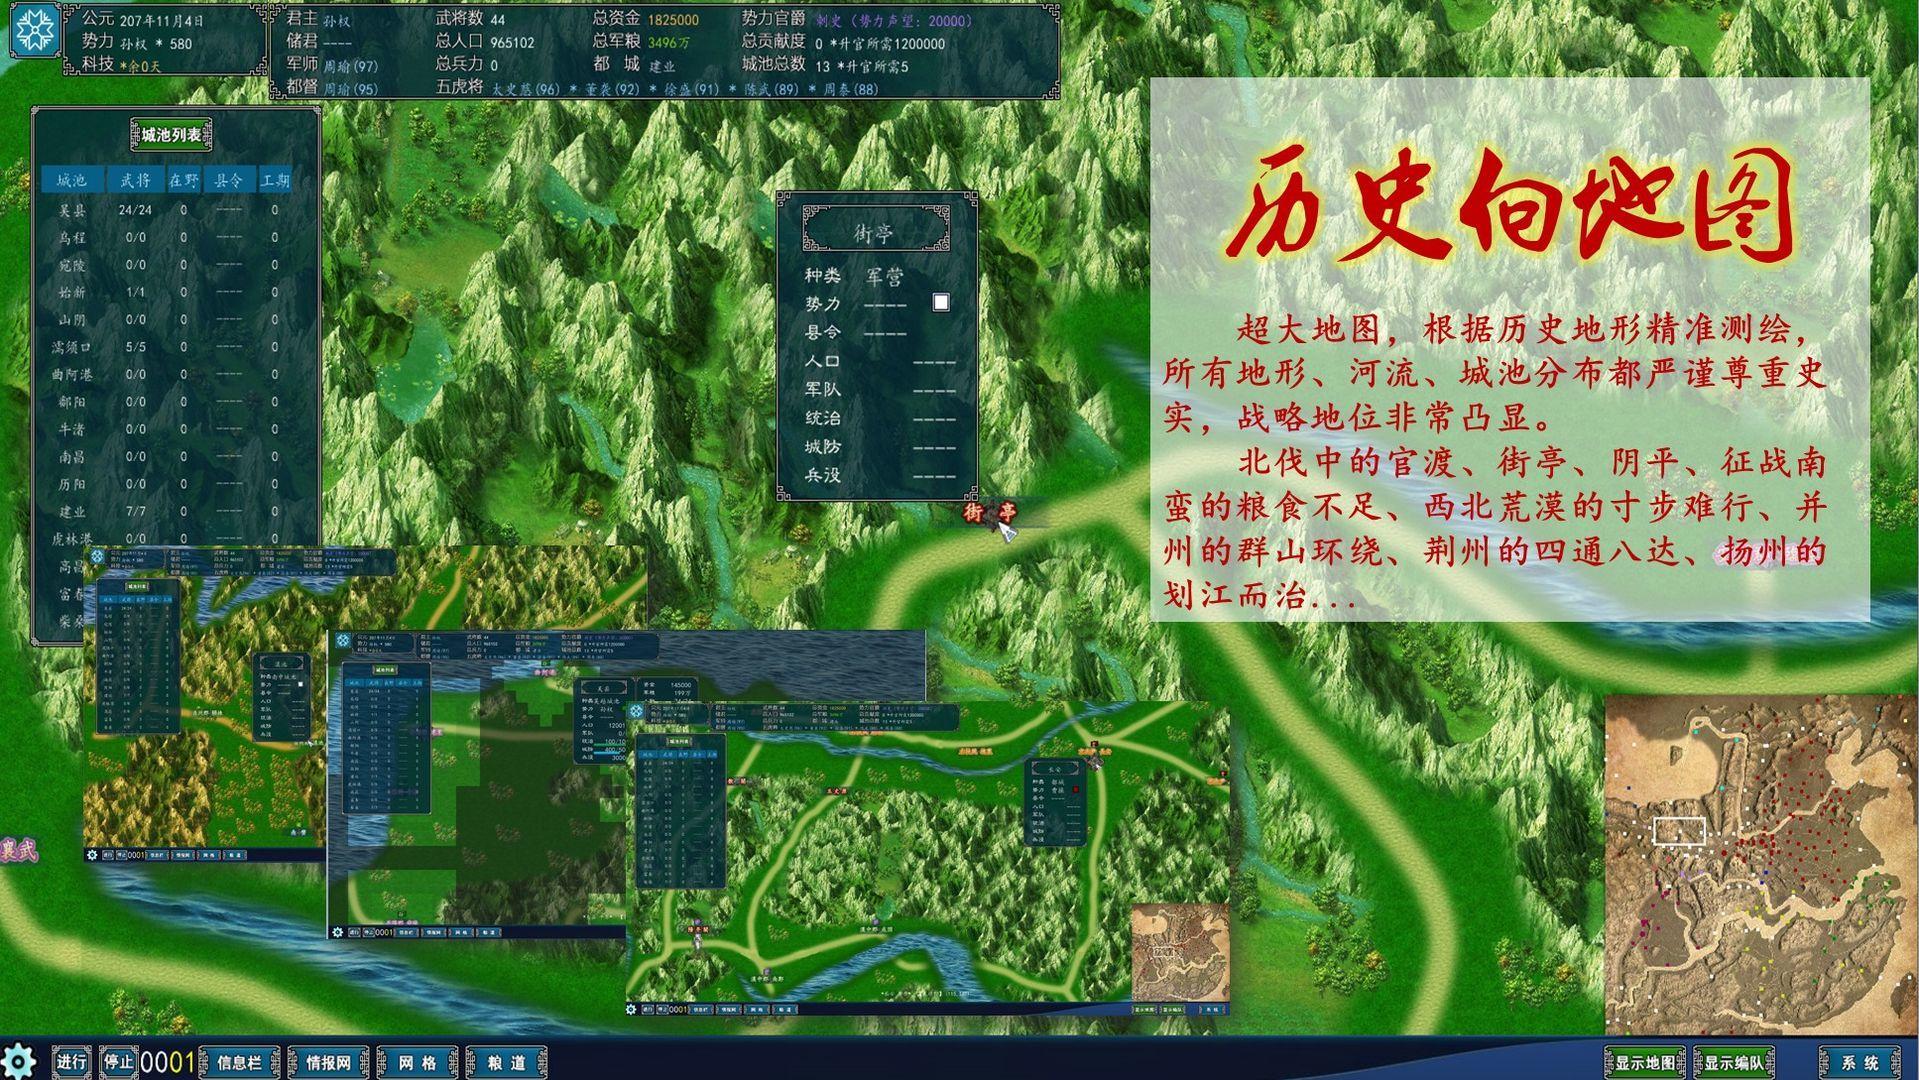 中华三国志最新稳定版